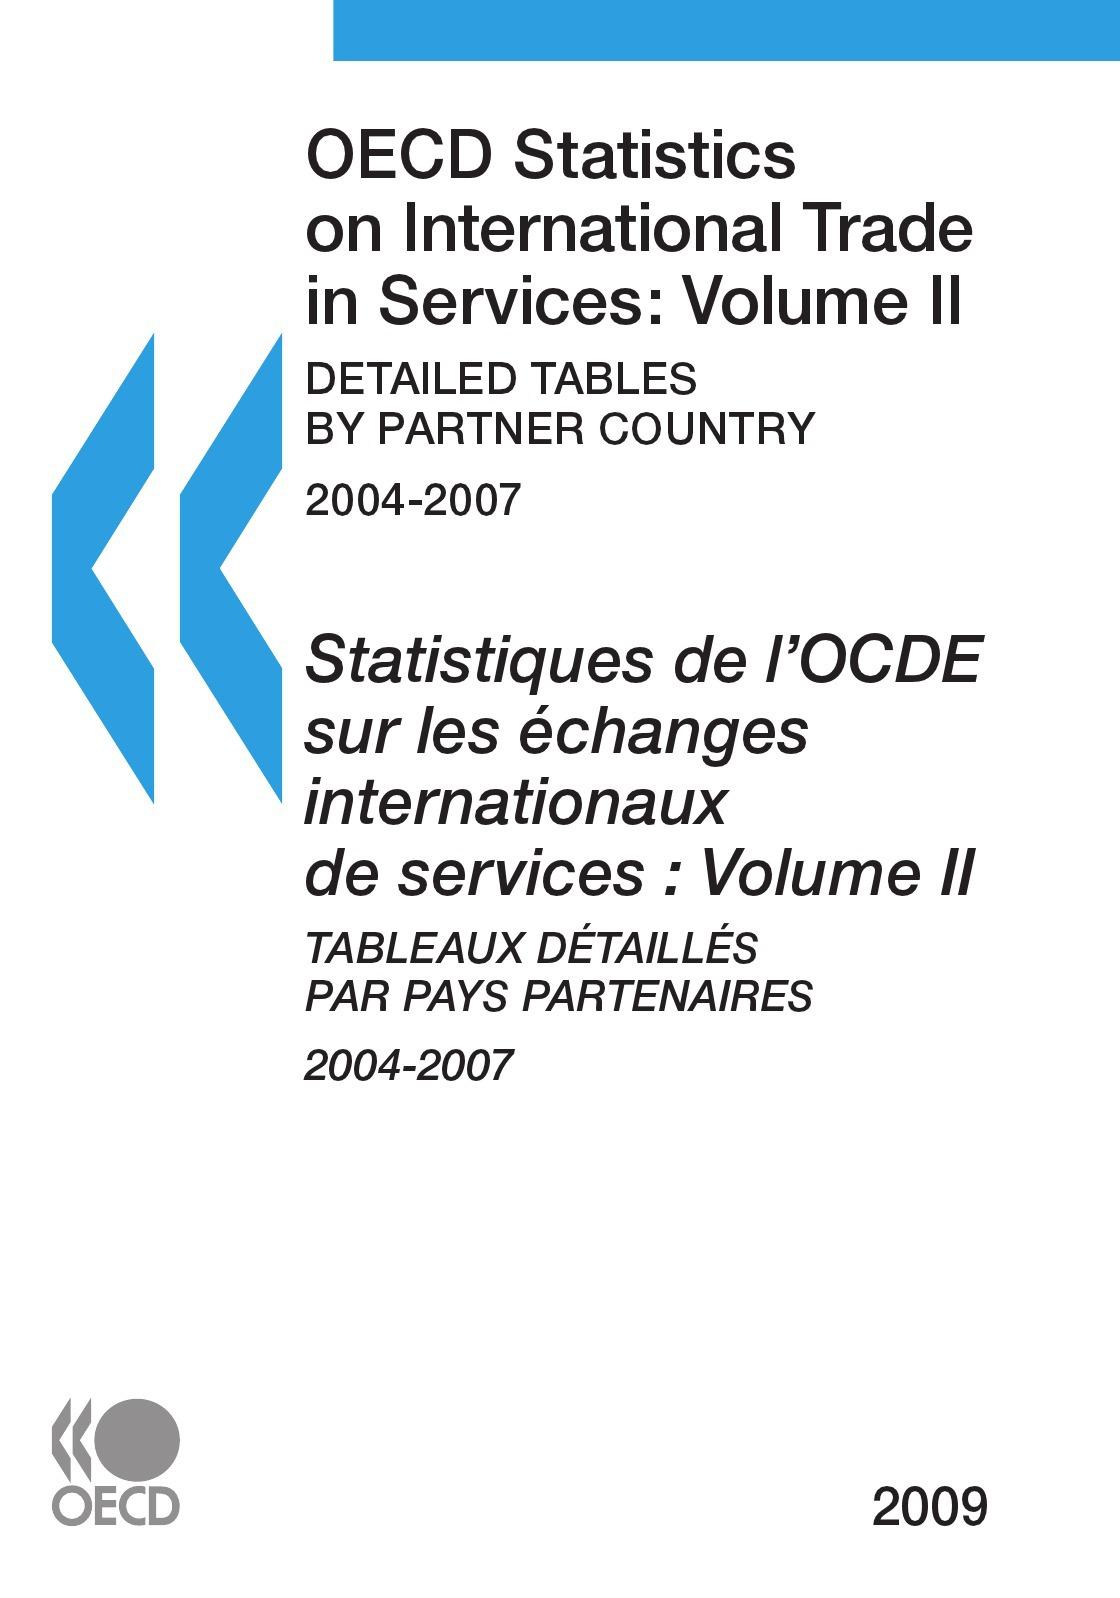 Statistiques de l'ocde sur les echanges internationaux de services : volume ii - tableaux detailles